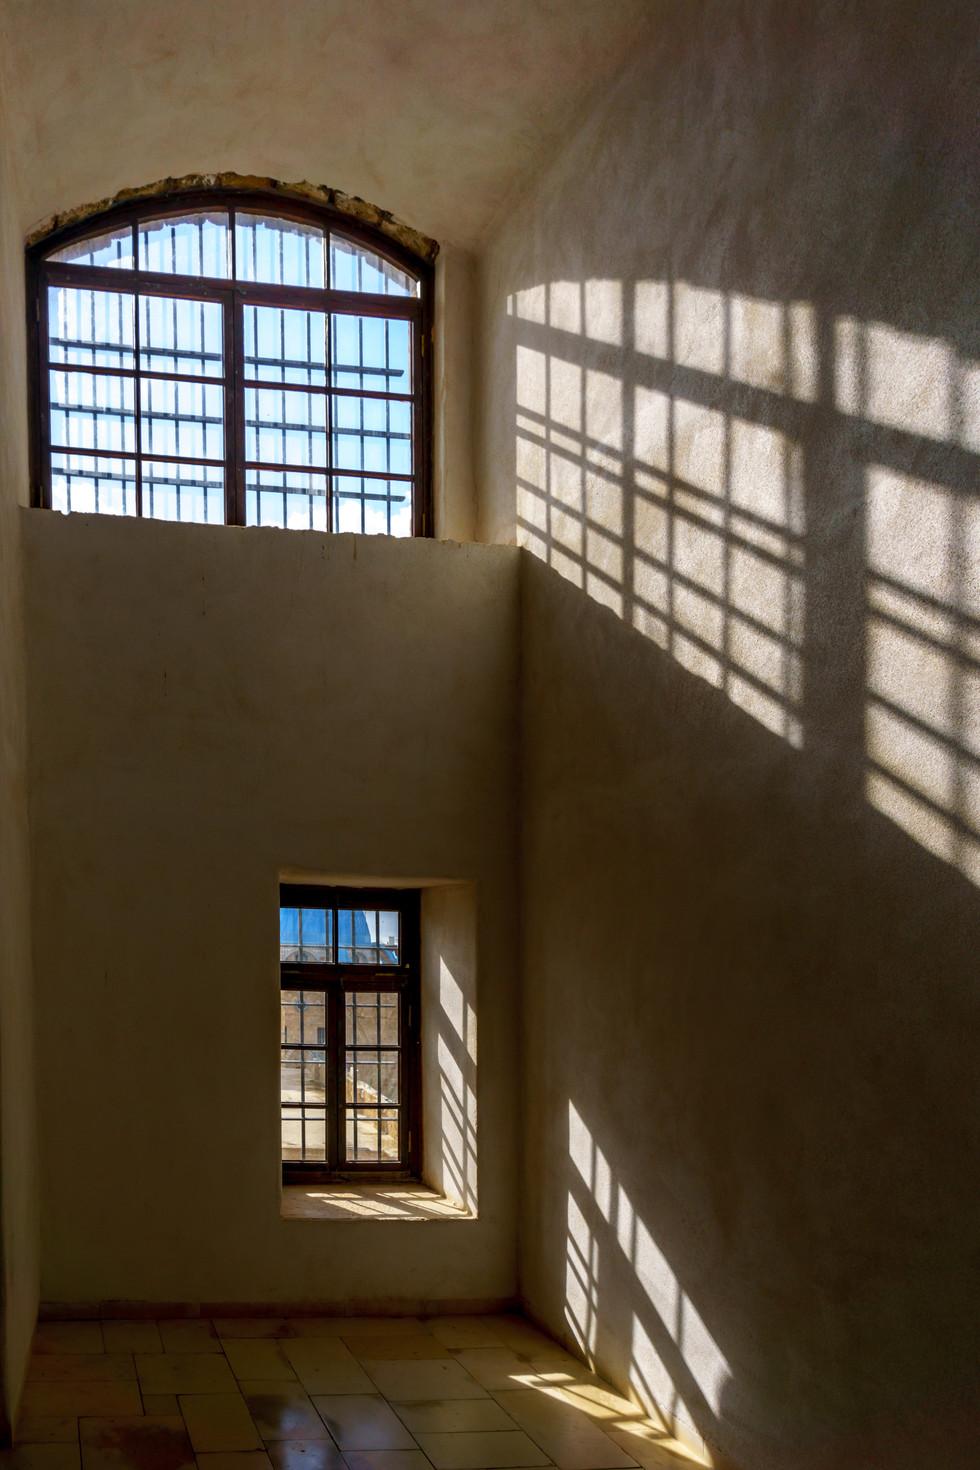 Vista di ona delle celle che conteneva alcuni dei primi credenti che accompagnarono Baha'u'llah